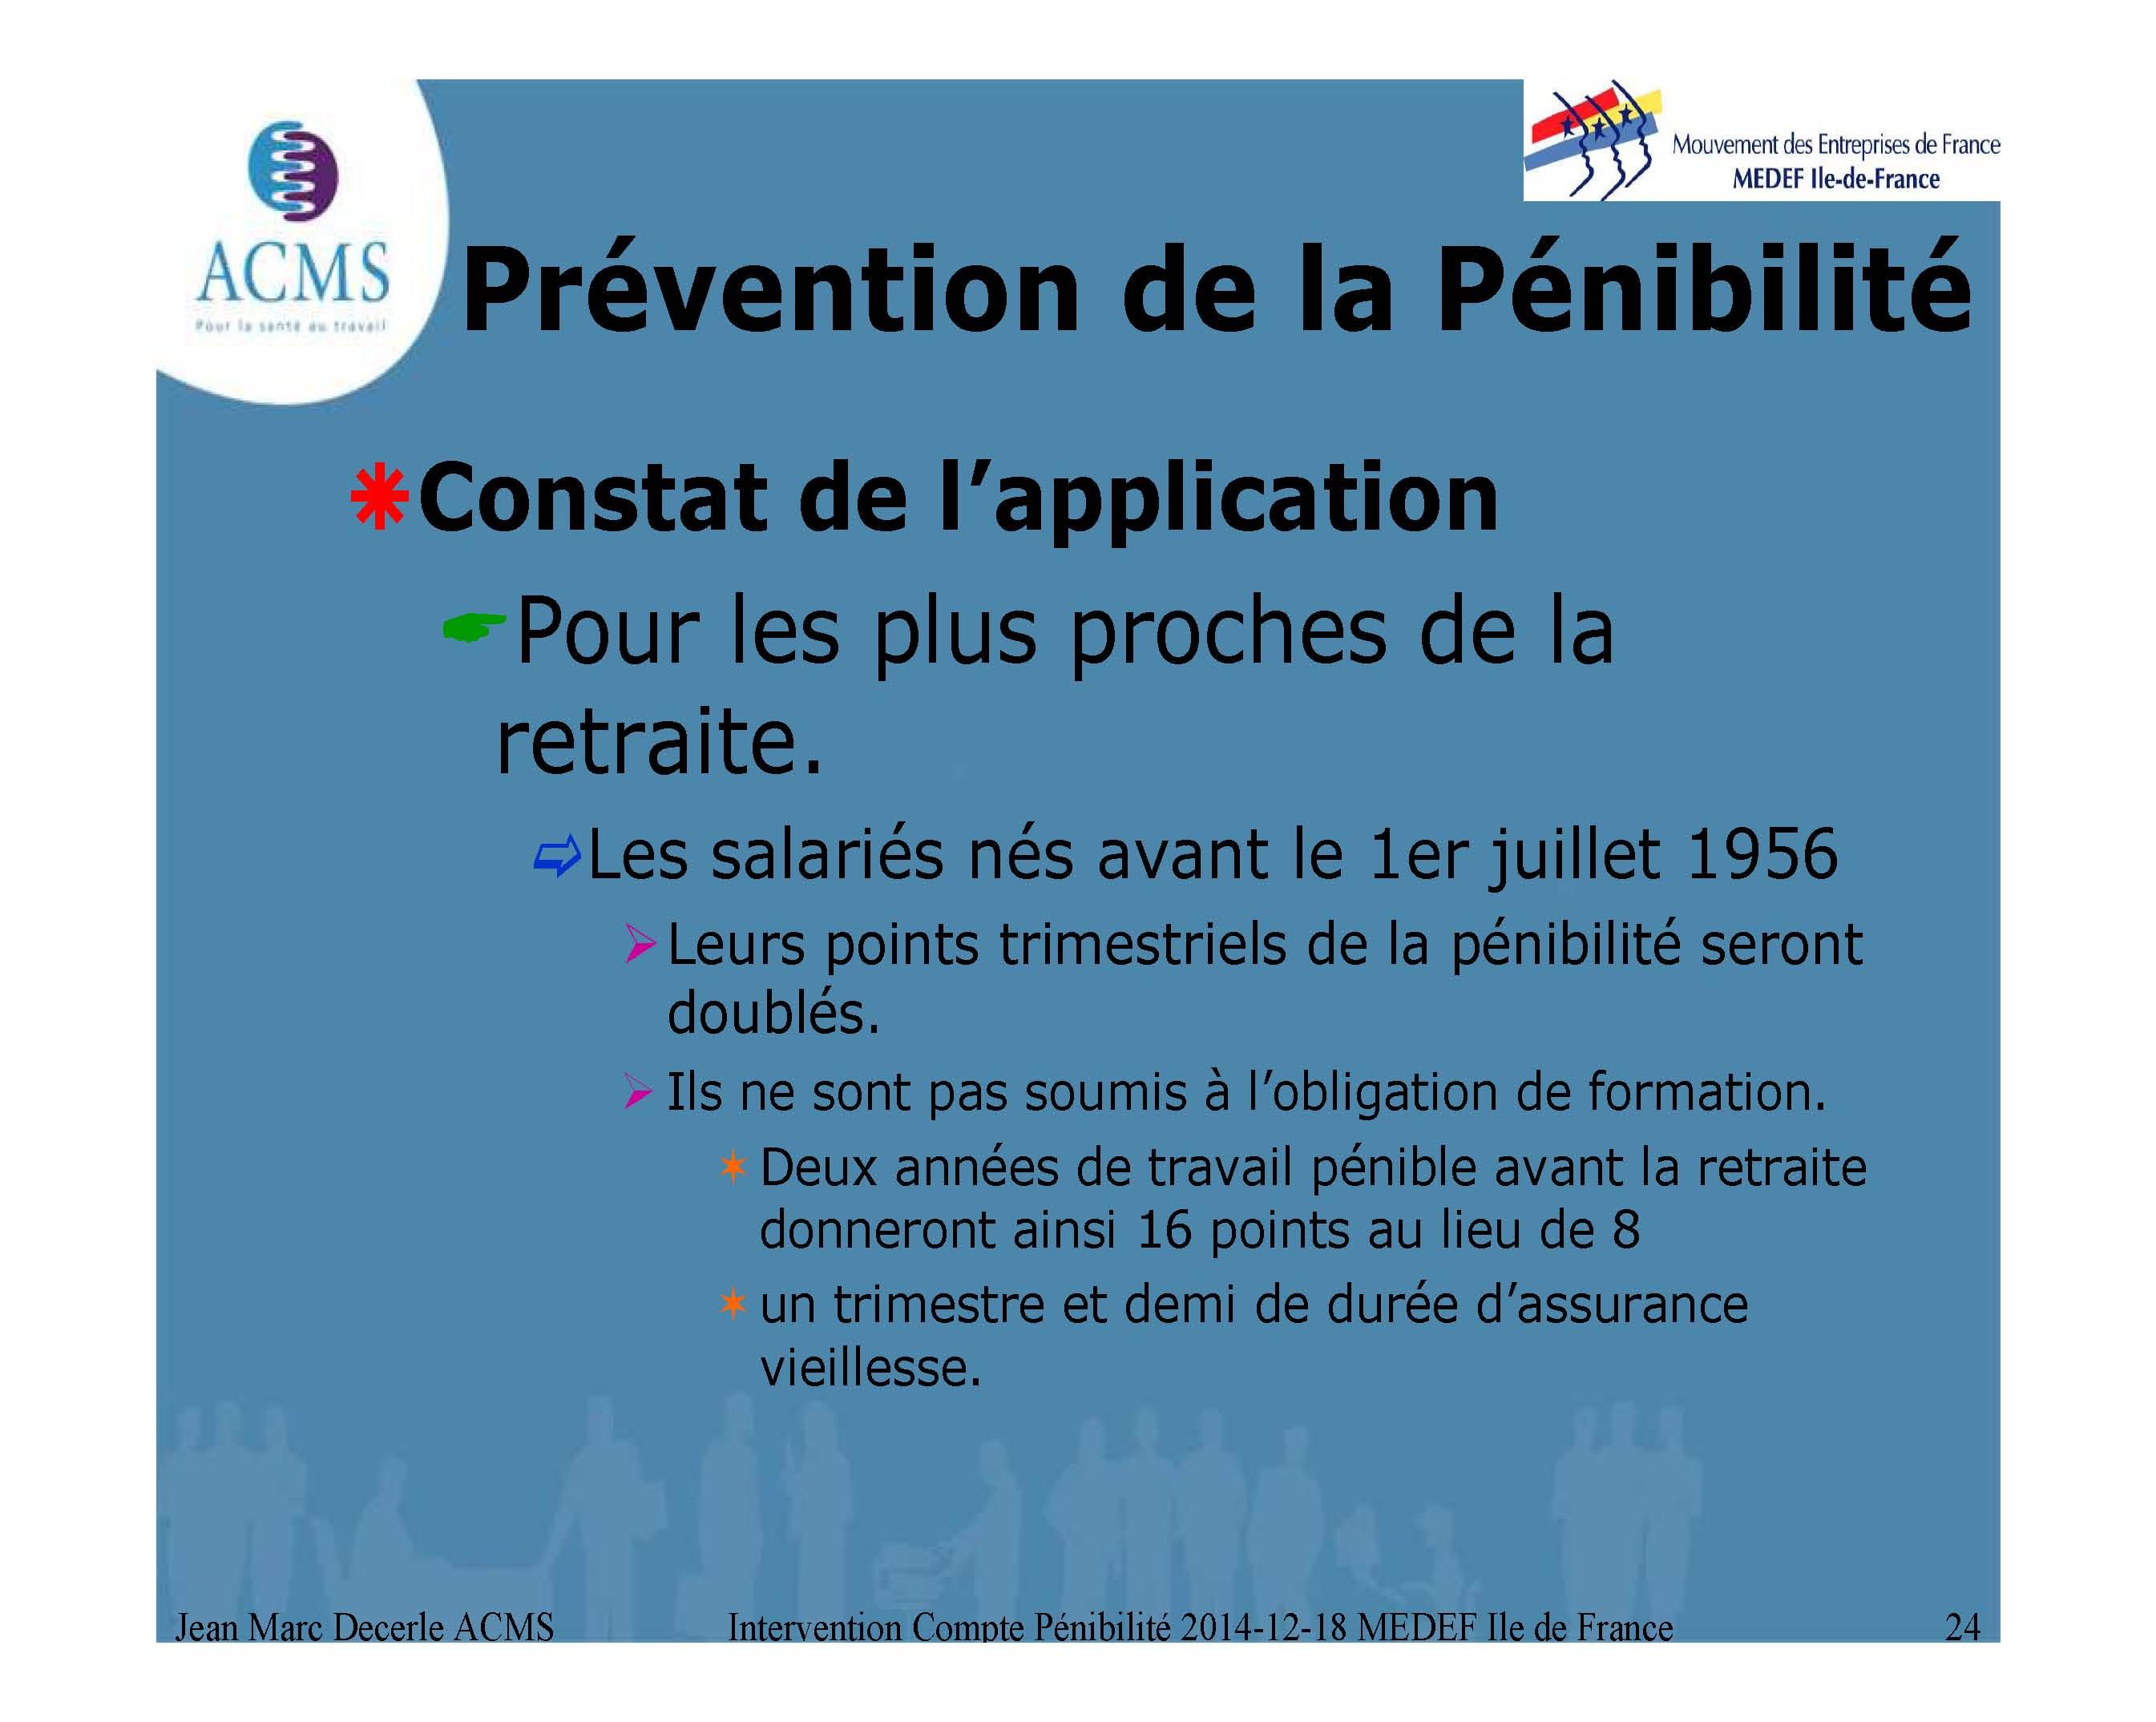 2014-12-18 Compte Pénibilite MEDEF Ile de France_Page_24